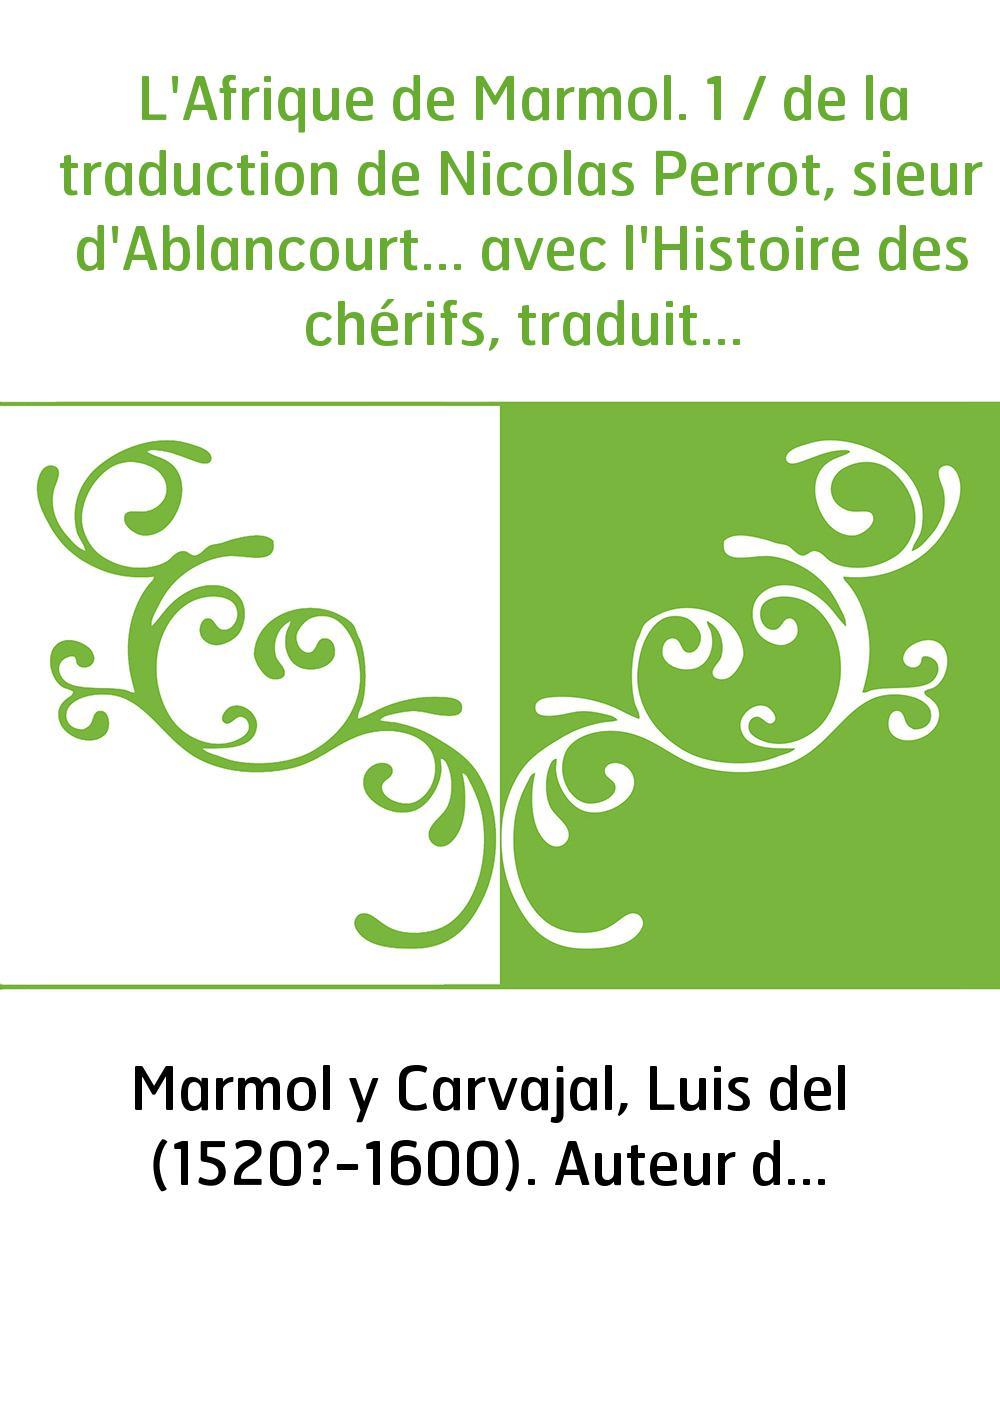 L'Afrique de Marmol. 1 / de la traduction de Nicolas Perrot, sieur d'Ablancourt... avec l'Histoire des chérifs, traduite de l'es